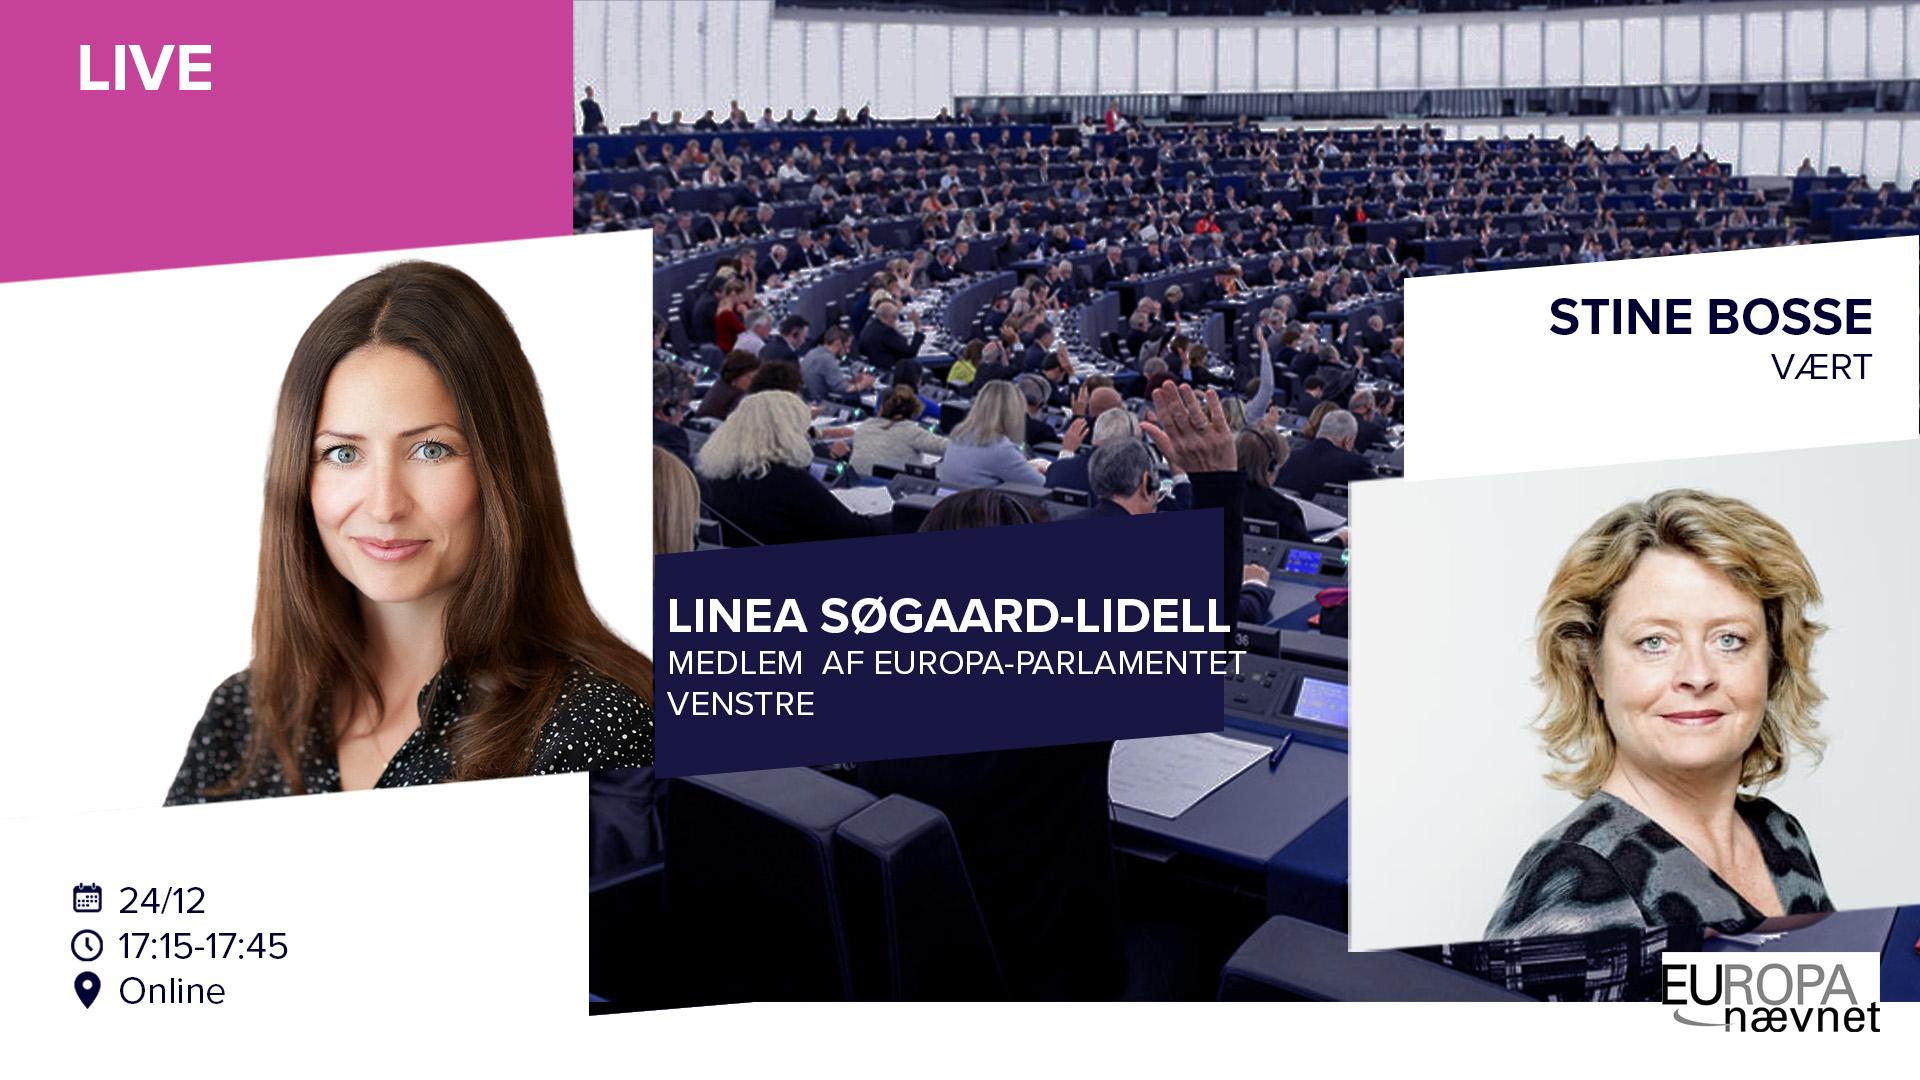 LIVE: Stine Bosse (Europabevægelsen) & Linea Søgaard-Lidell (MEP-Venstre)